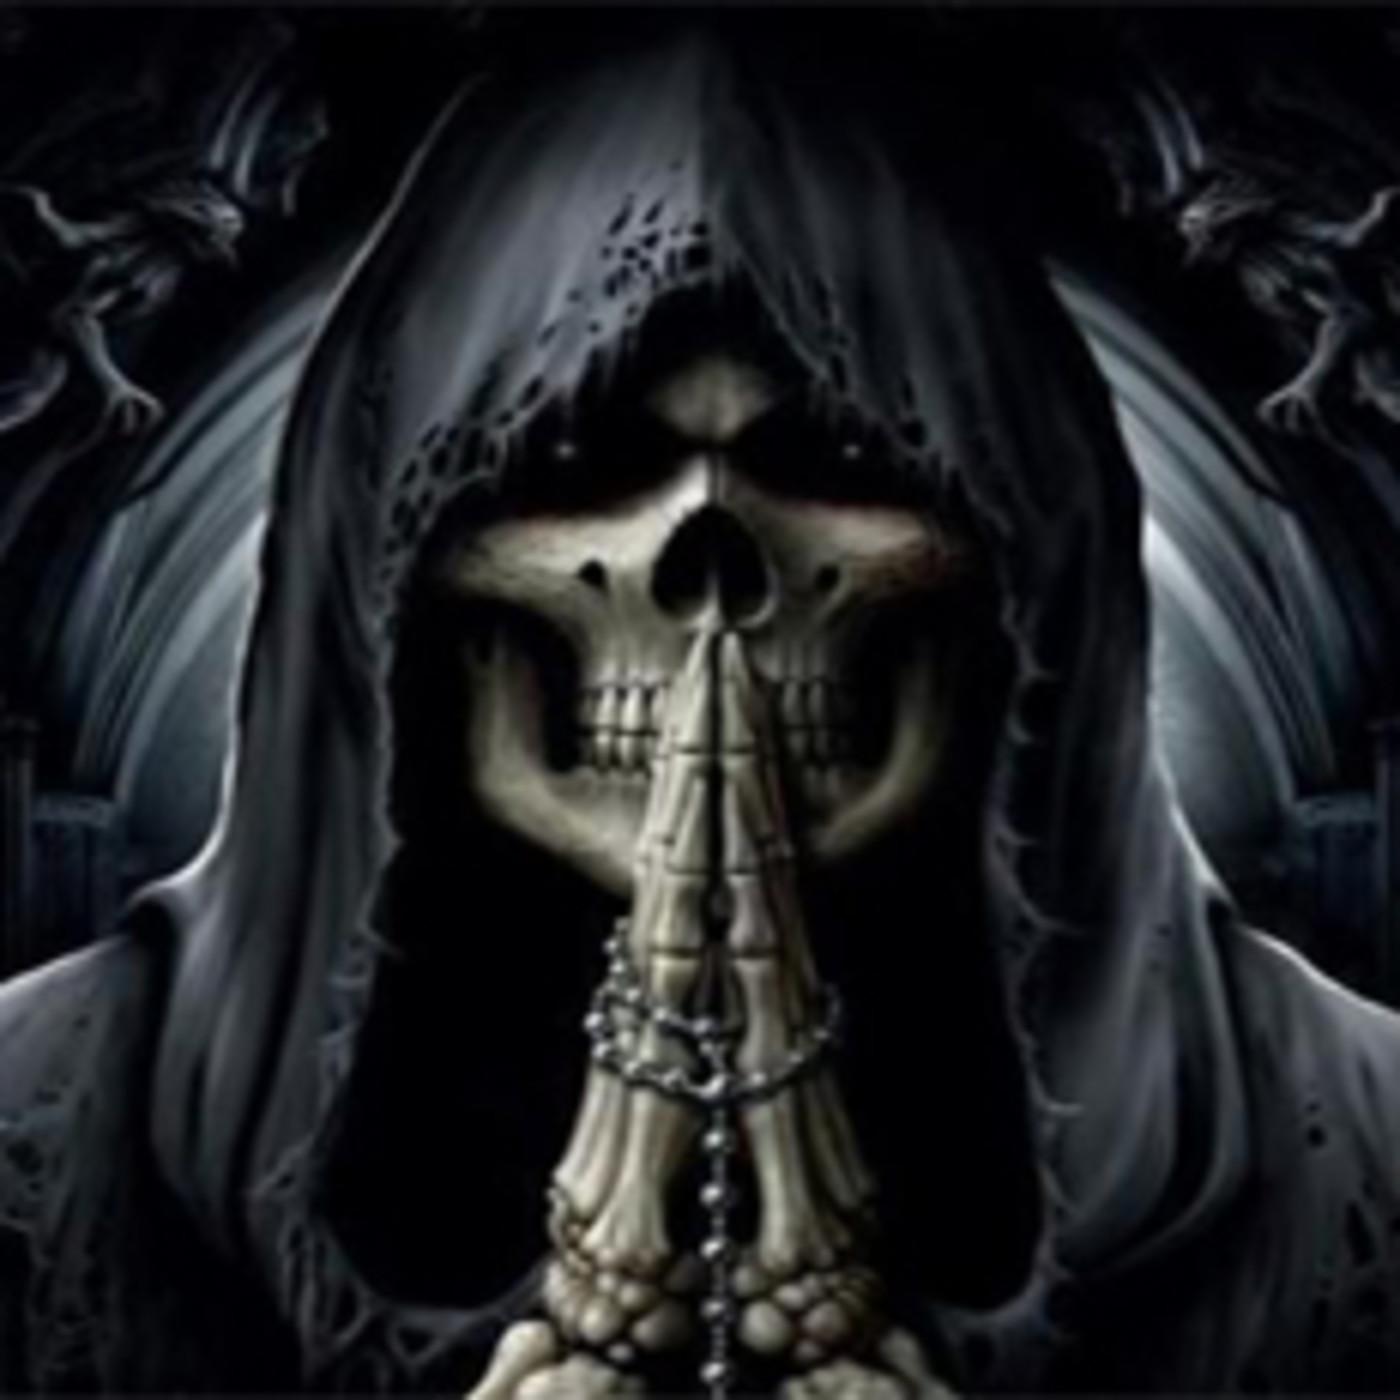 La Santa Muerte en México - Entrevista Jorge Luis Zarazúa y a creyente del culto